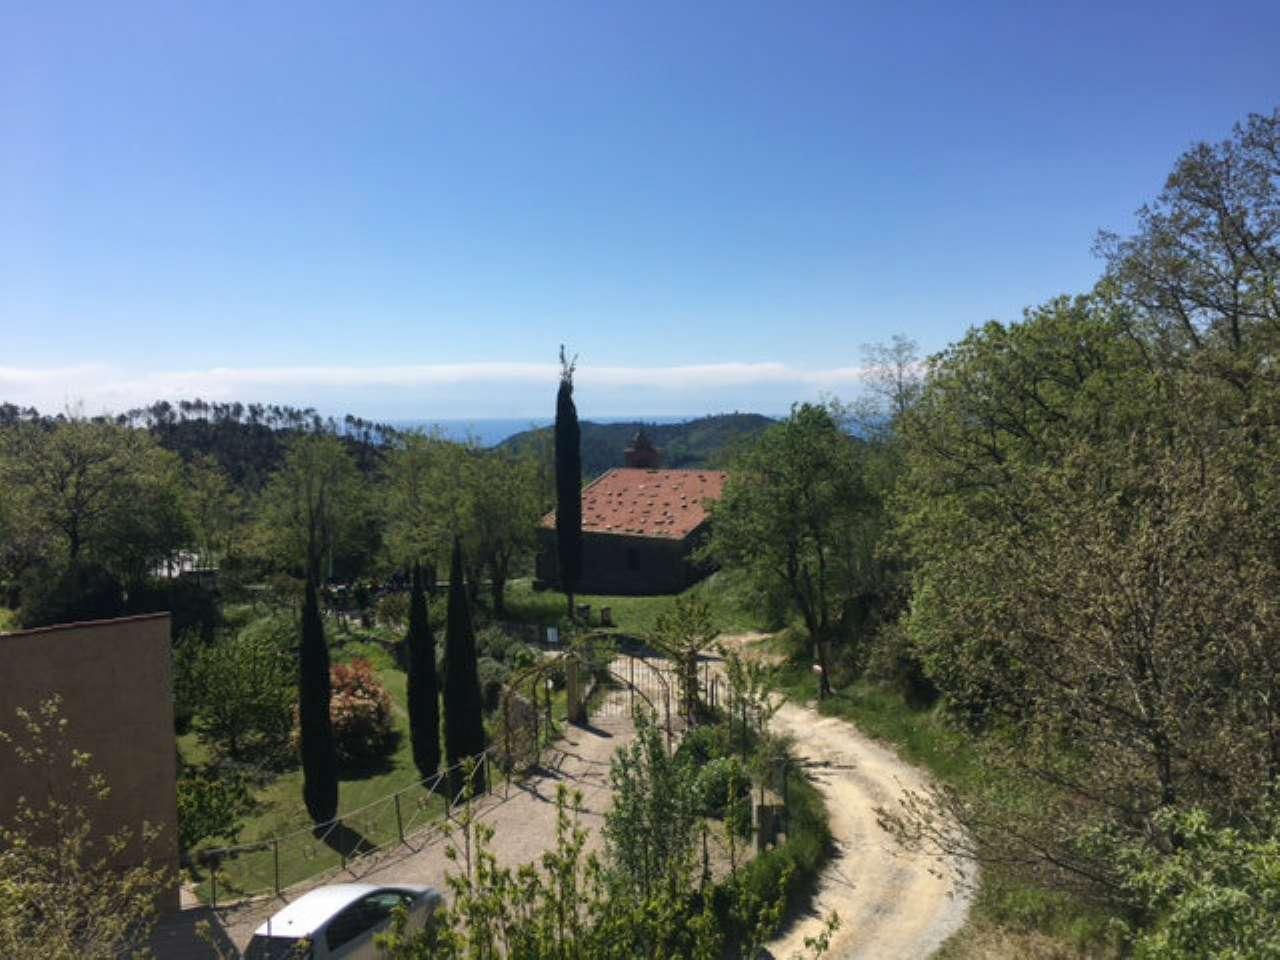 Villa in vendita a Calice Ligure, 4 locali, prezzo € 150.000 | Cambio Casa.it